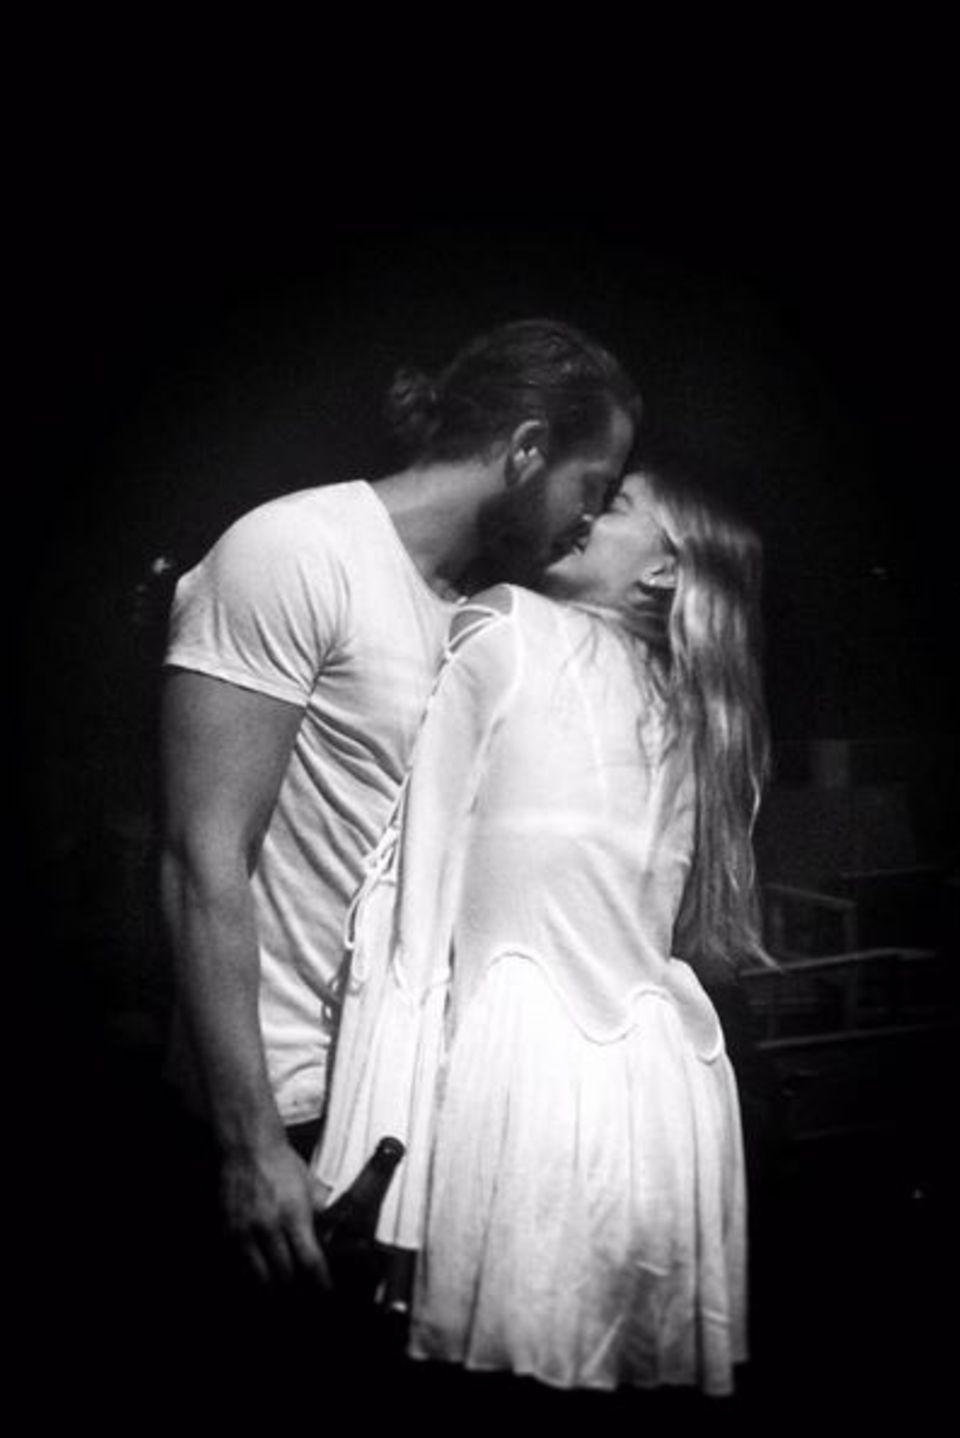 Eine wie keine, schreibt Ehemann Tom Ackerley zu diesem innigen Kussbild mit seiner Frau Margot Robbie.